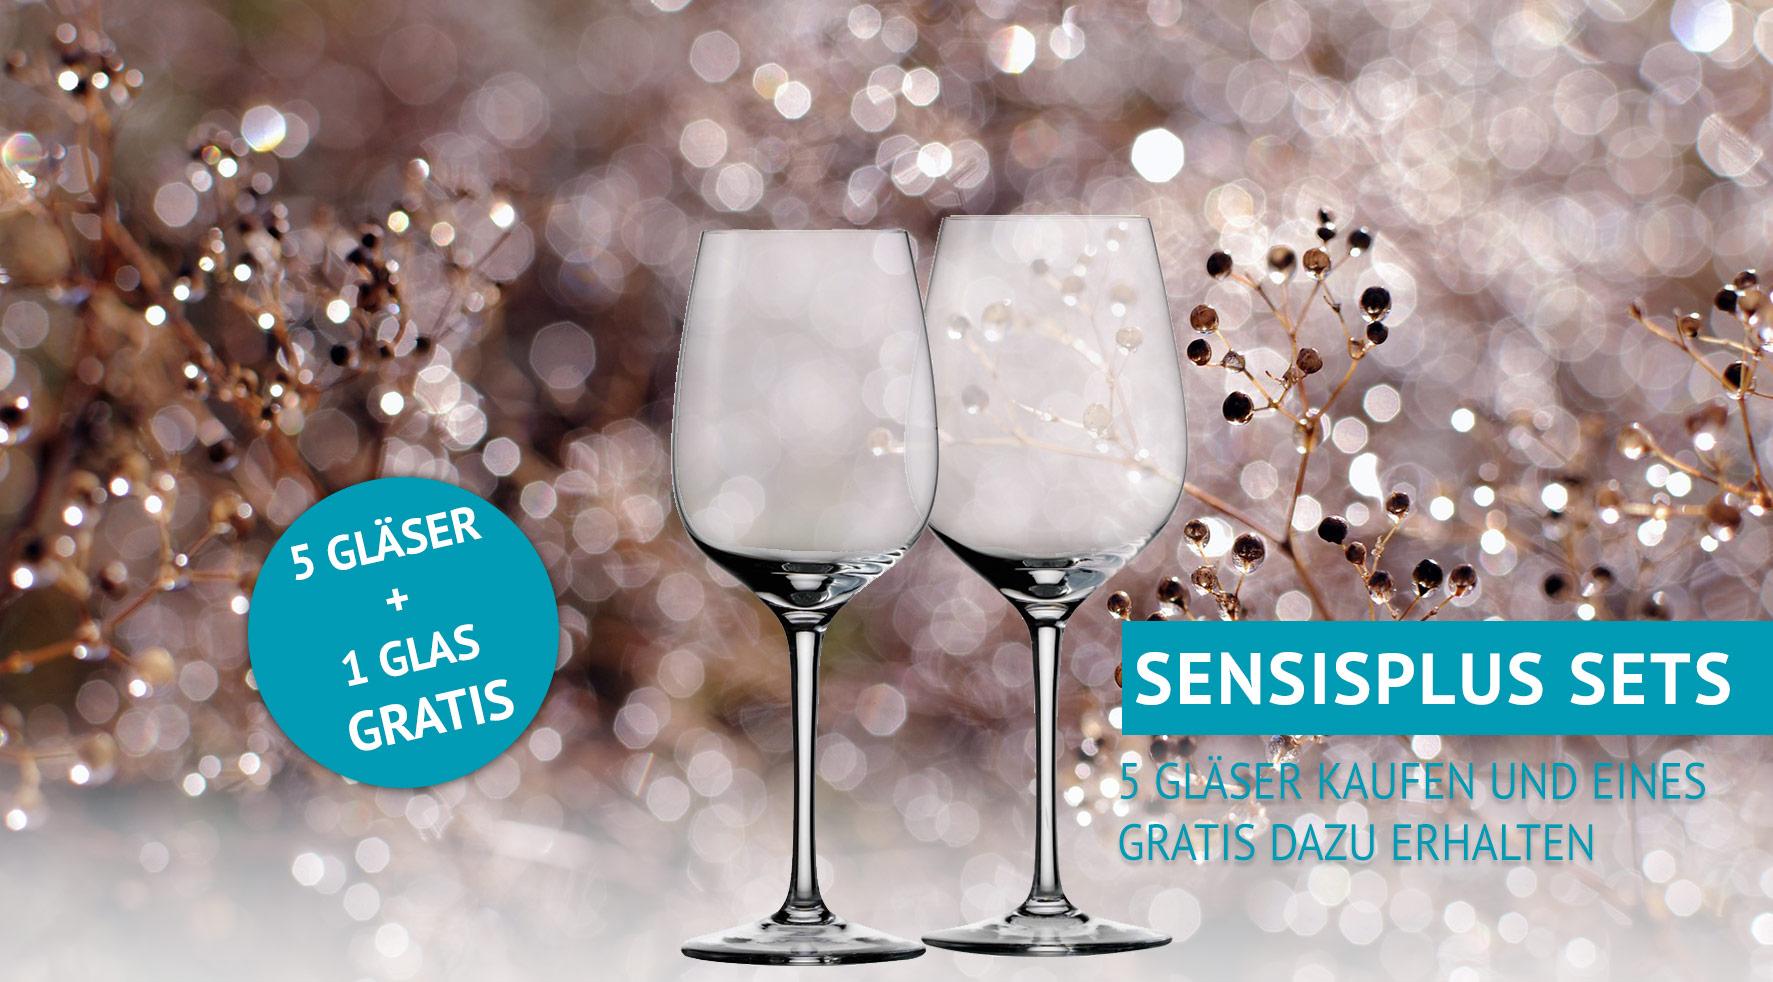 SensisPlus Sets